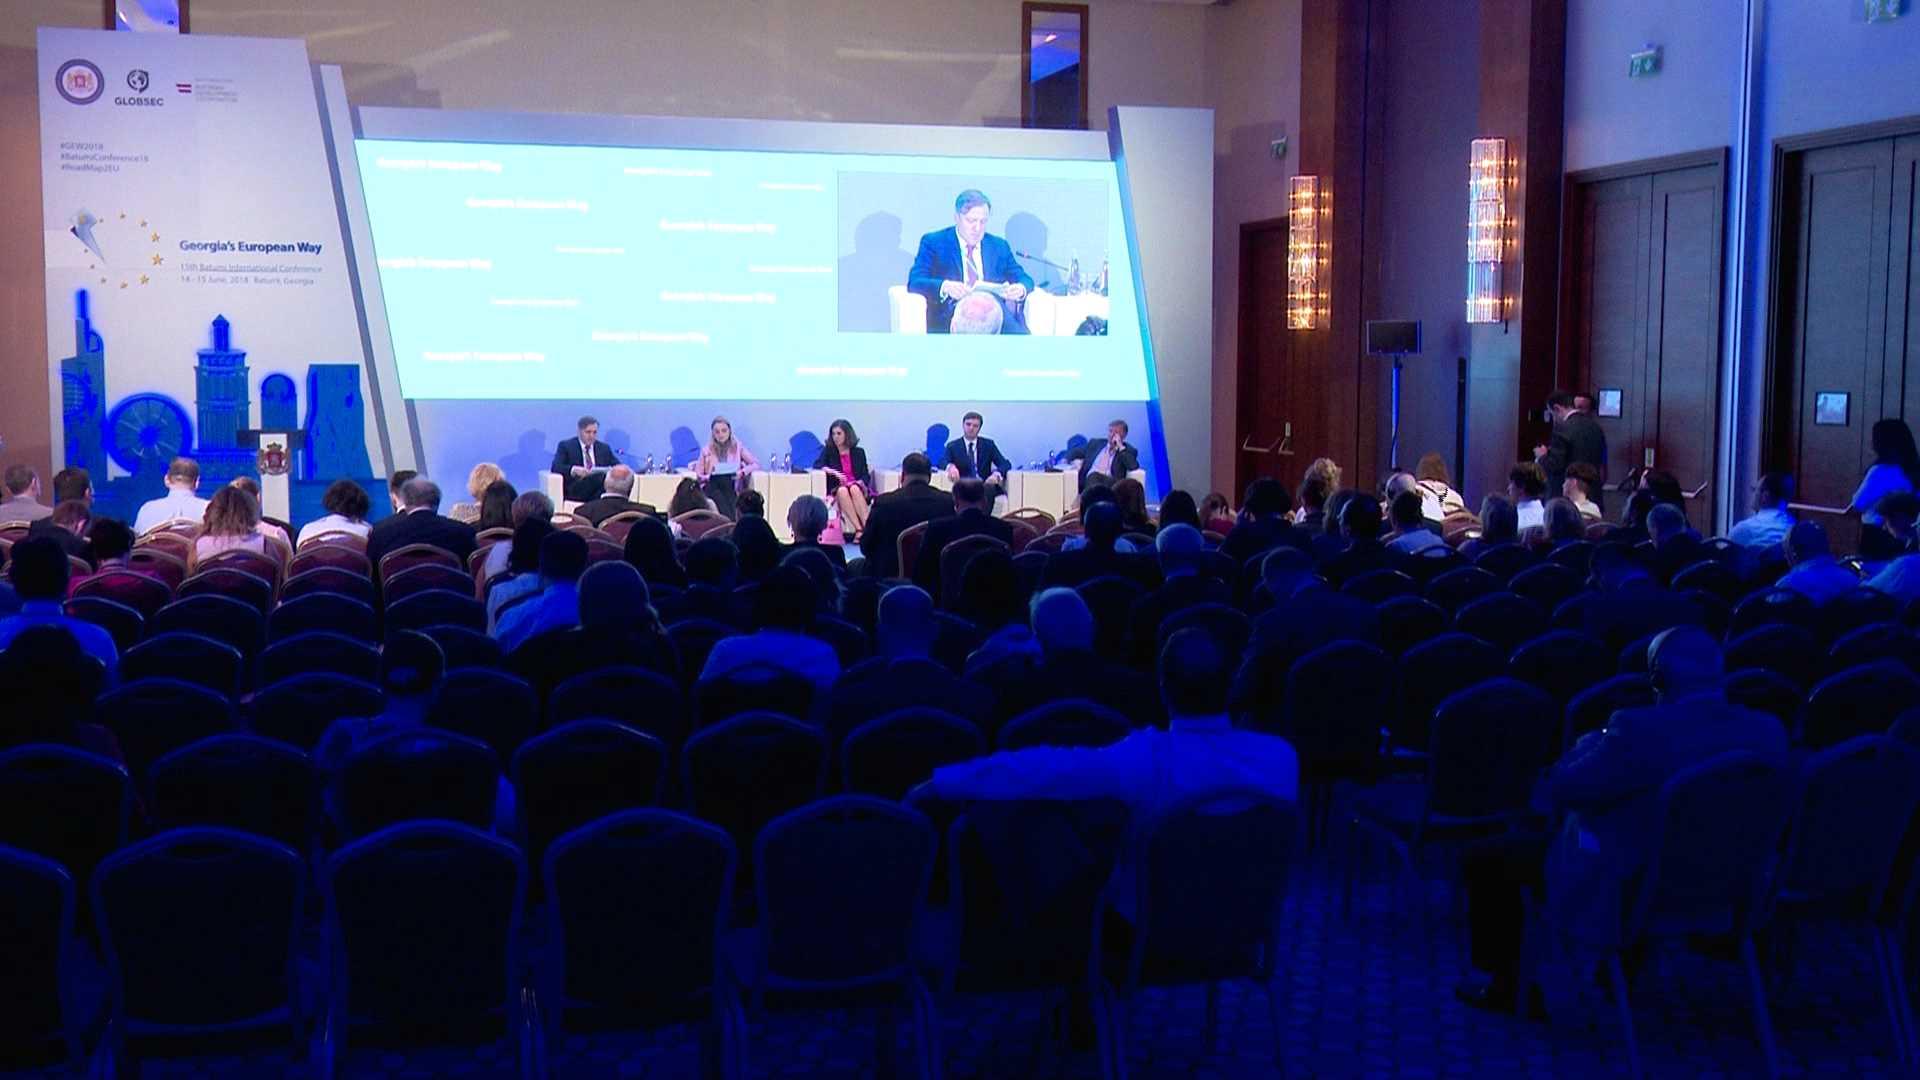 საერთაშორისო კონფერენცია საქართველოს ევროპული გზა დასრულდა